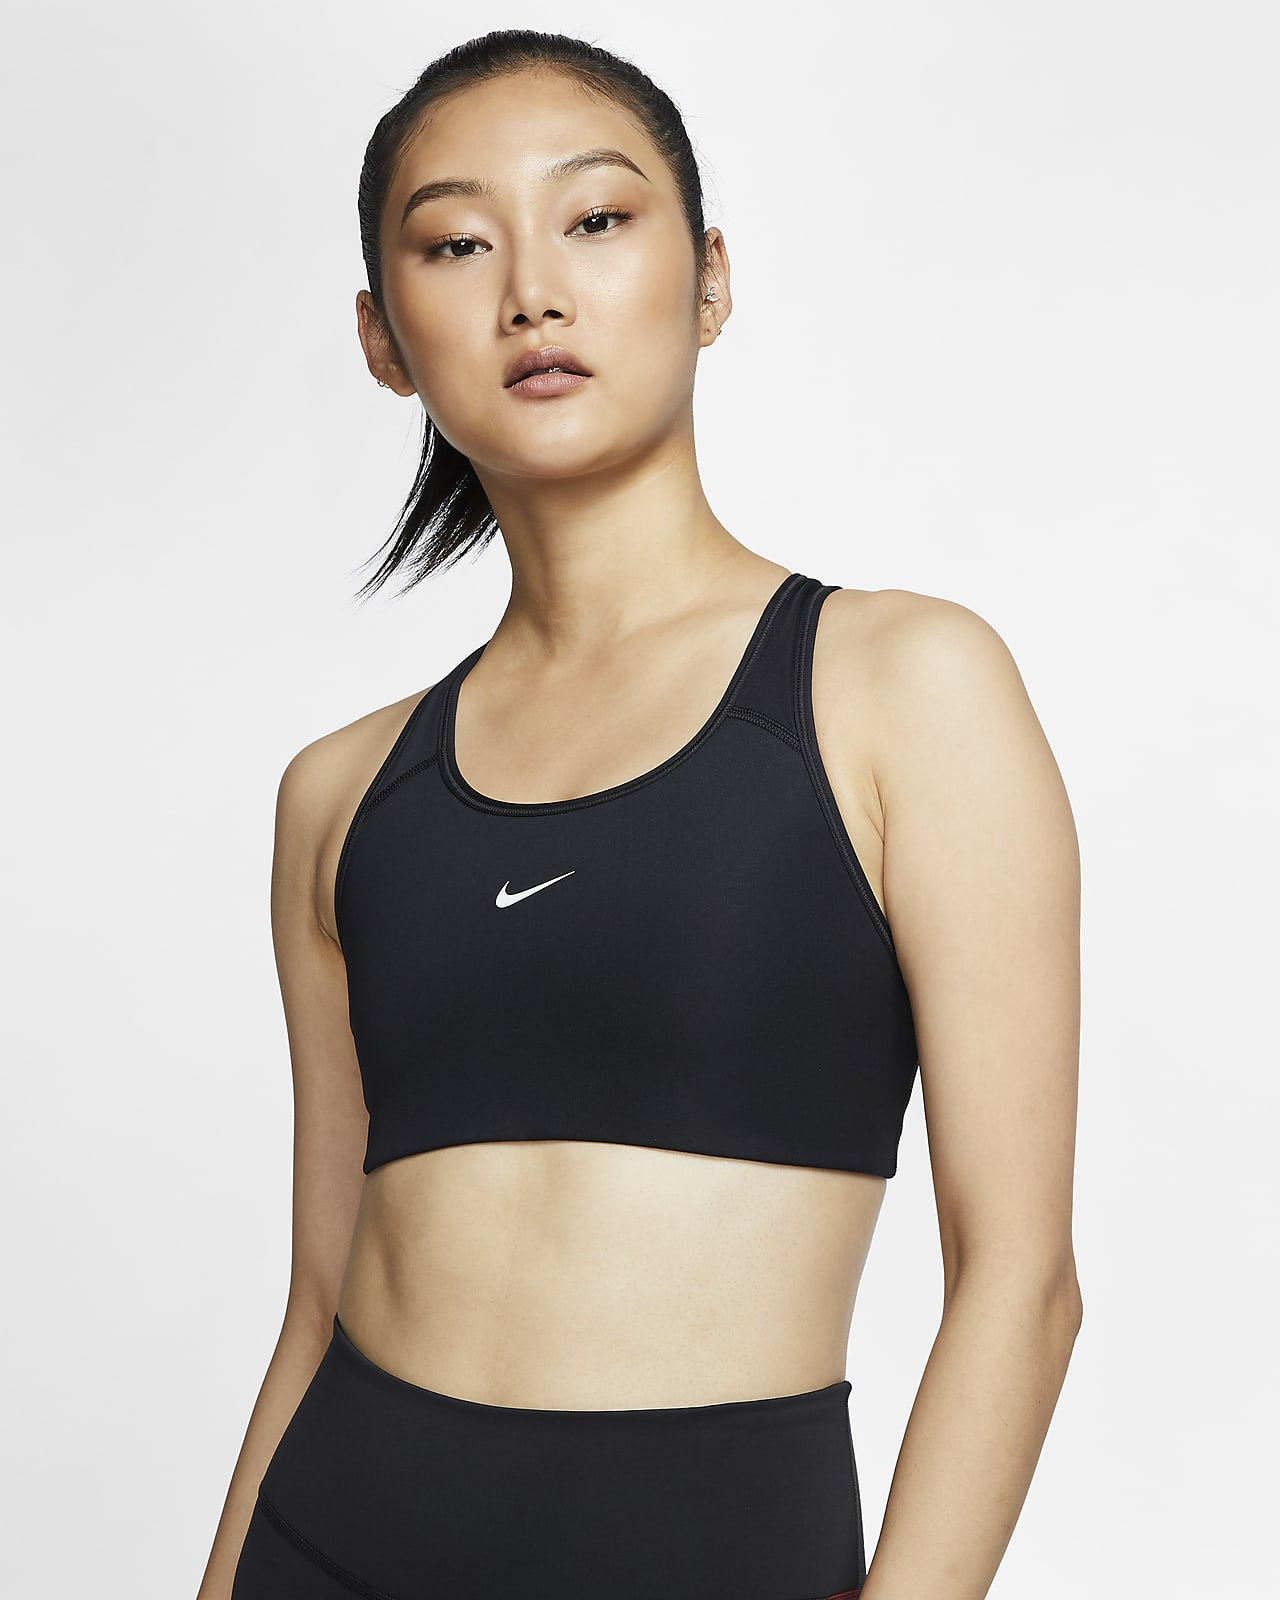 Dámská sportovní podprsenka Nike Dri-FIT Swoosh se střední oporou ajednodílnou vycpávkou